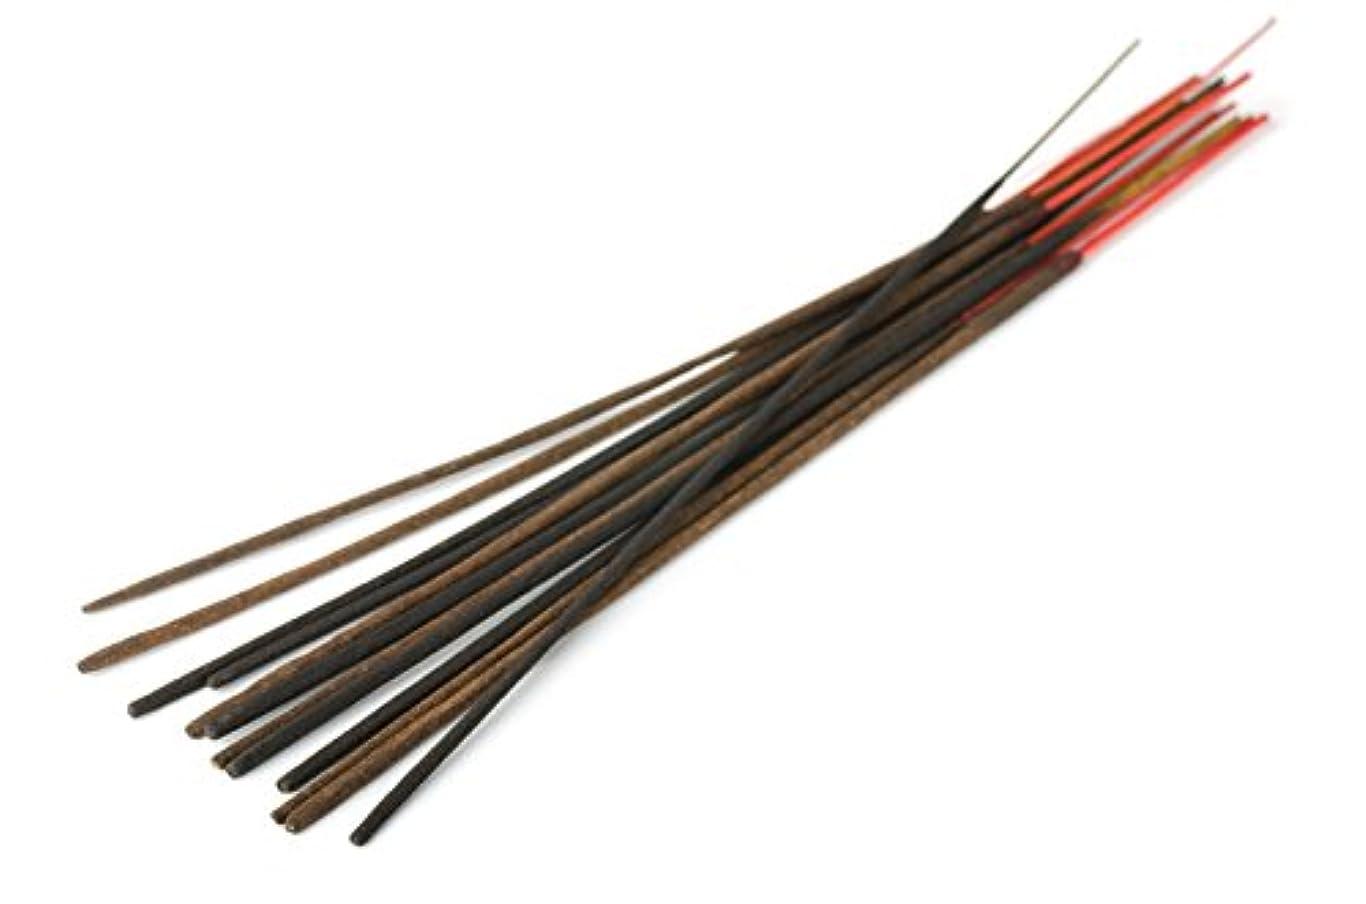 抱擁フロードットプレミアムハンドメイドすべてSpice Incense Stickバンドル – 90 to 100 Sticks Perバンドル – 各スティックは11.5インチ、には滑らかなクリーンBurn